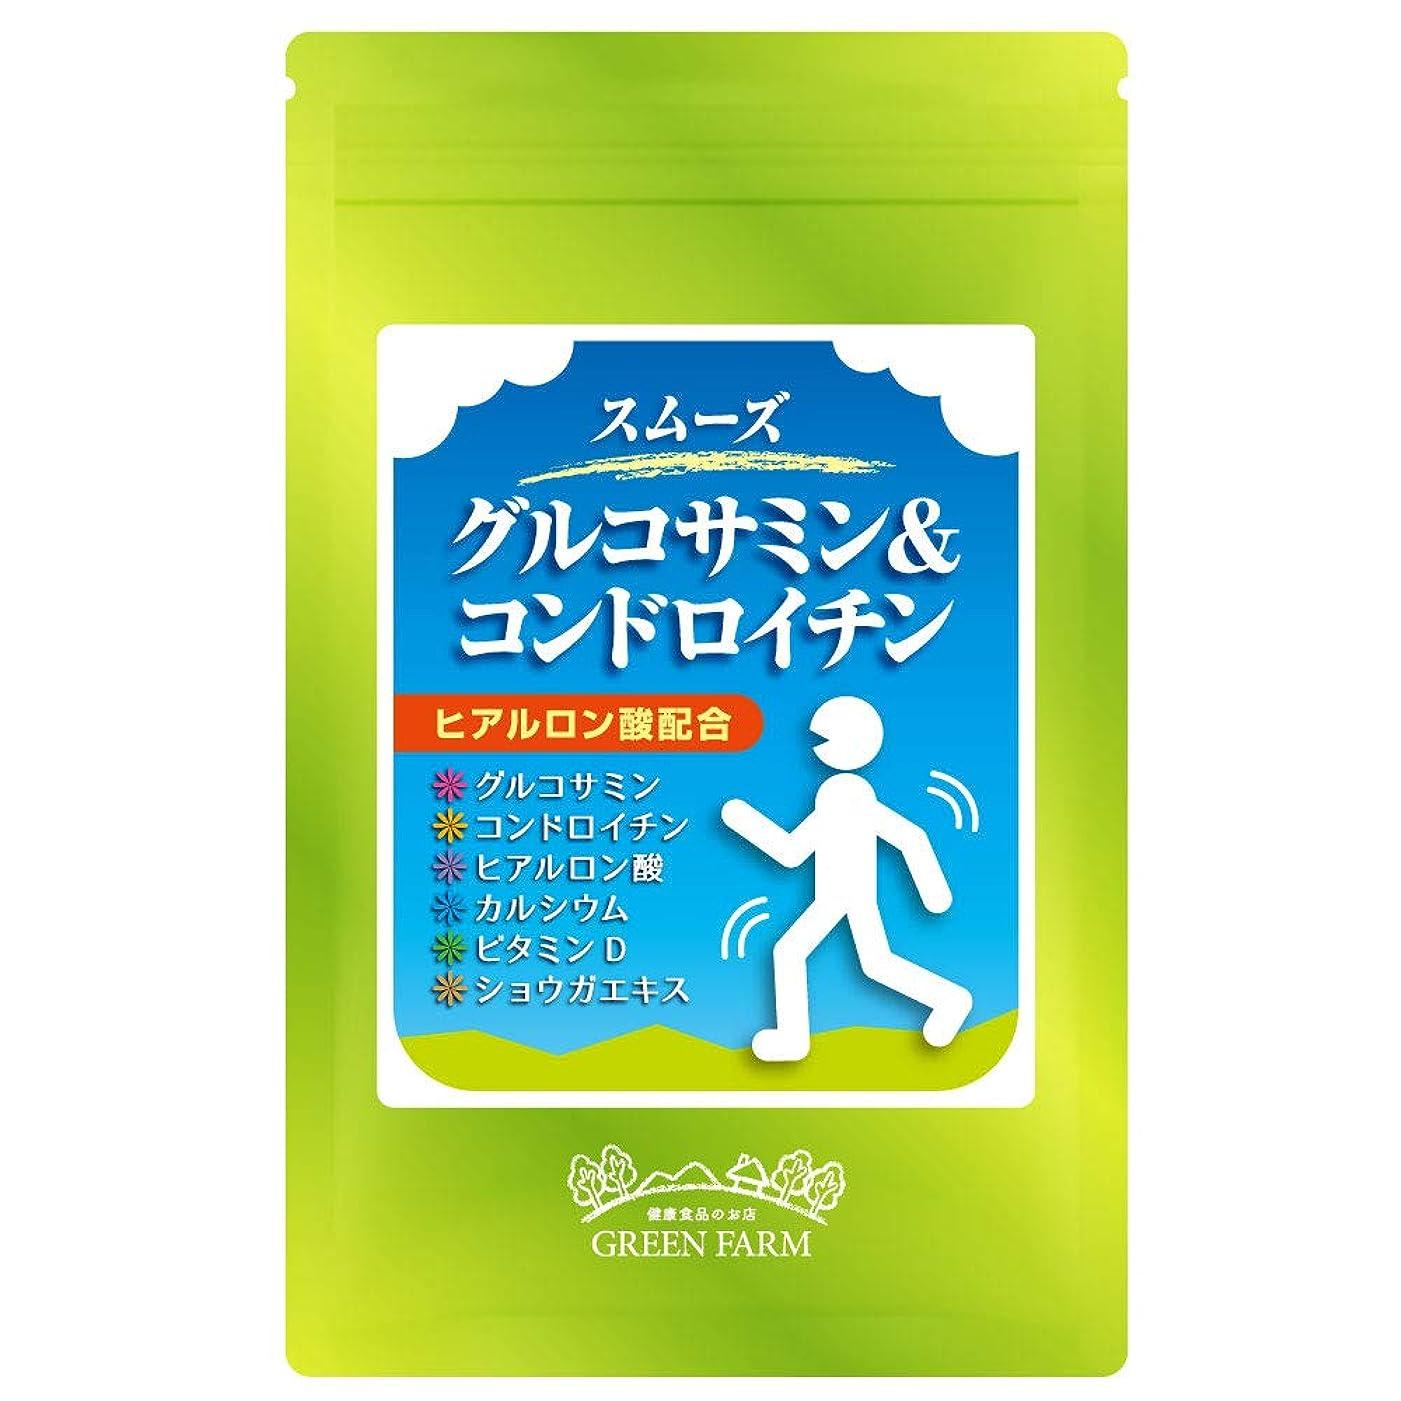 風変わりな信じられないもっとグルコサミン&コンドロイチン サプリ(ヒアルロン酸配合) 国内製造 1日3粒目安 約約30日分